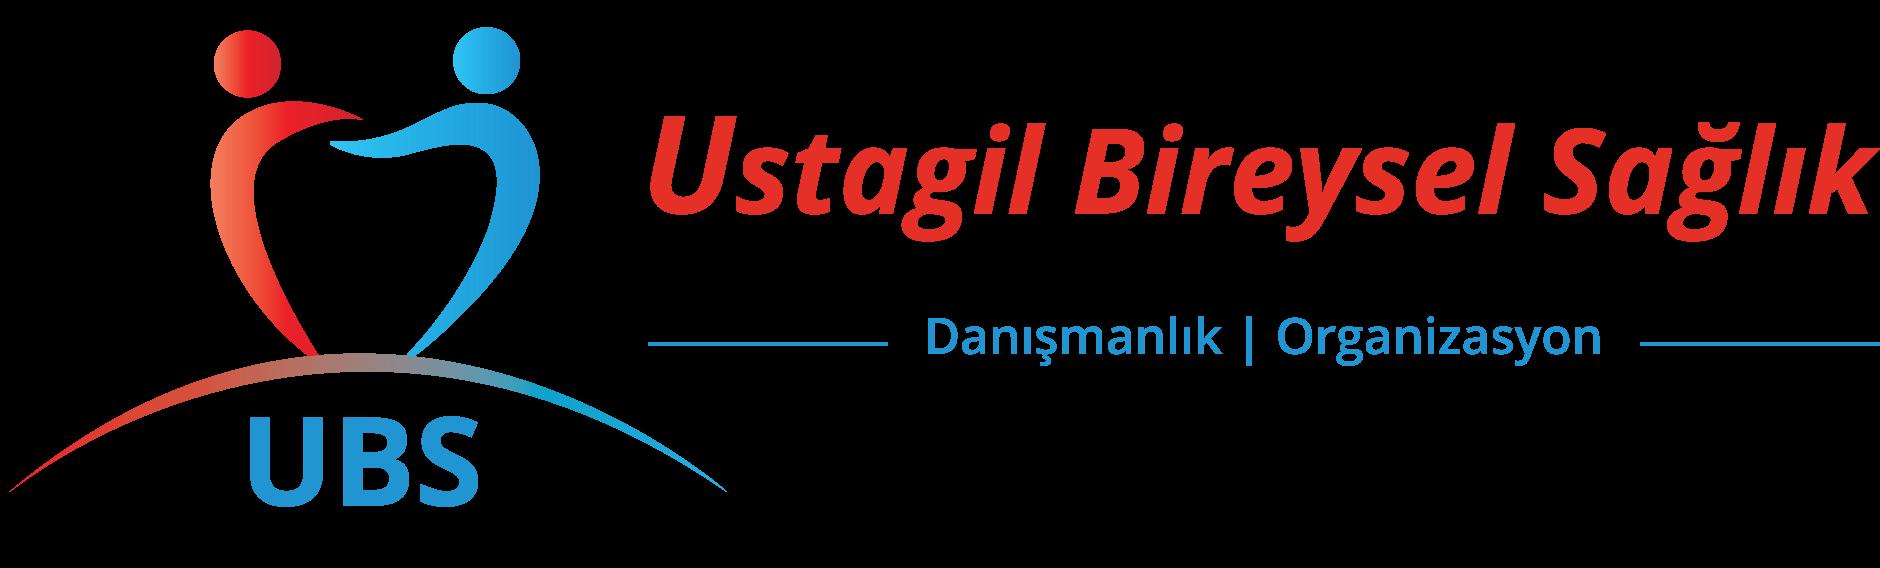 Bireysel Sağlık Türkiye